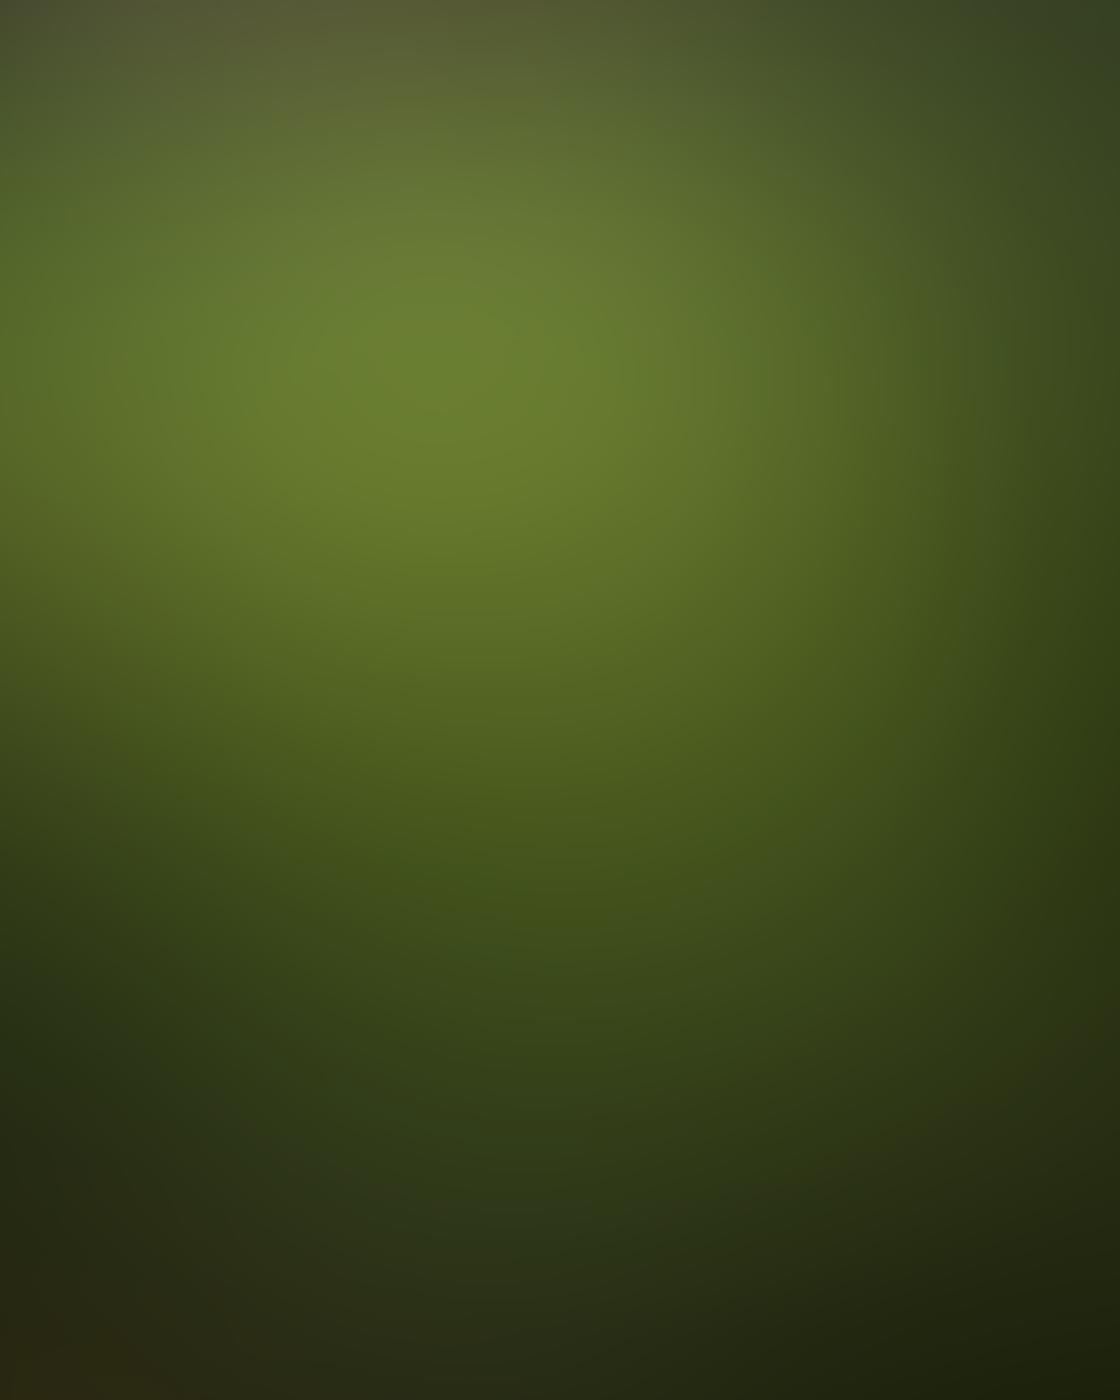 green_iphone_photos-10